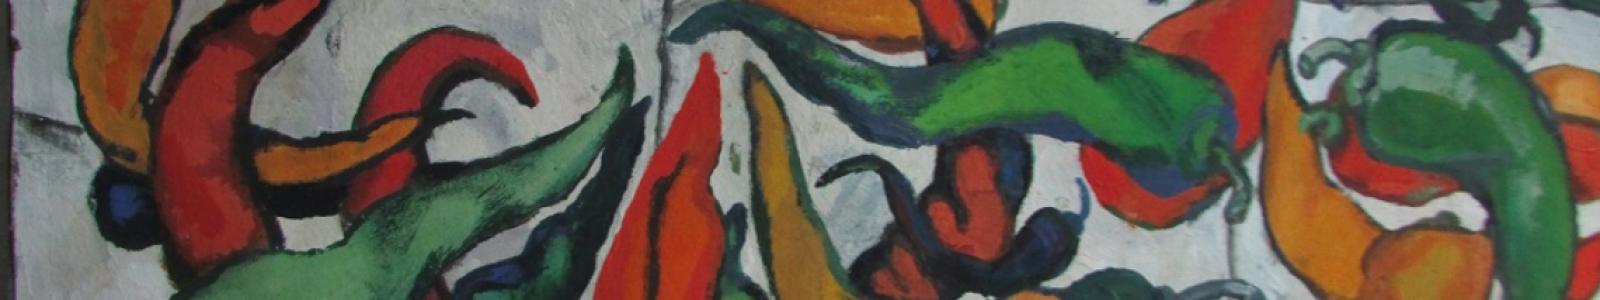 Gallery Painter Nikolay Sokolov